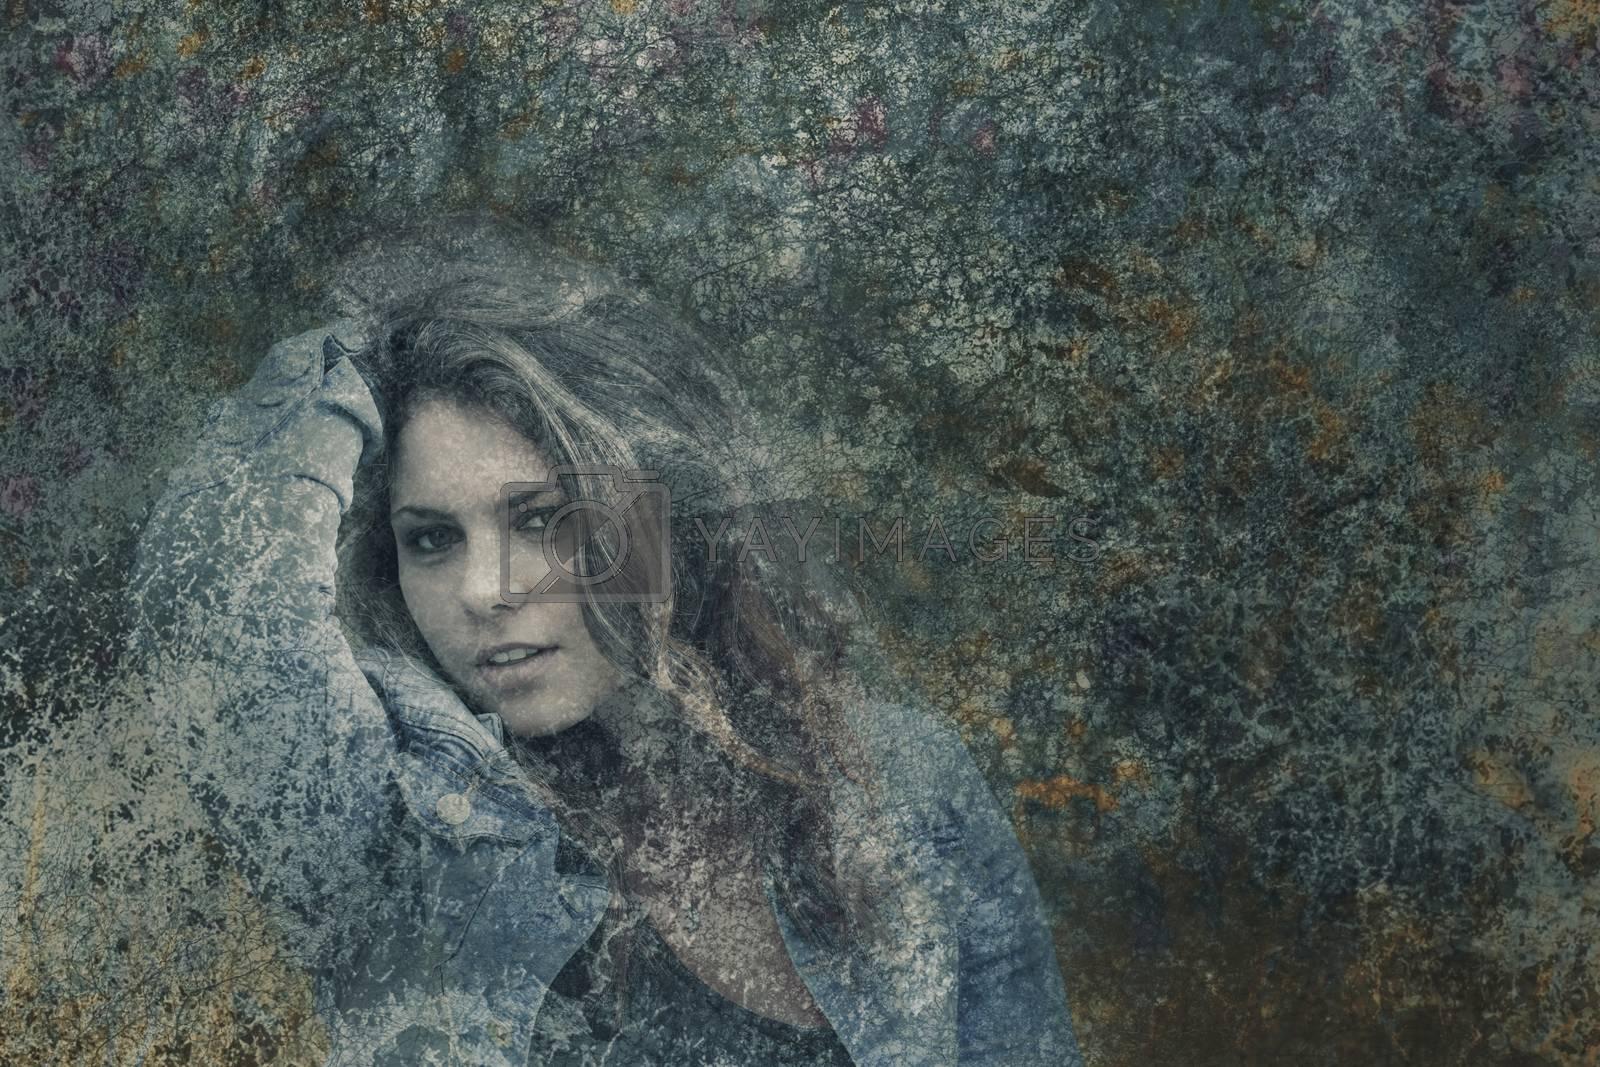 Double exposure of attractive teenage girl hiding behind dark grunge texture.